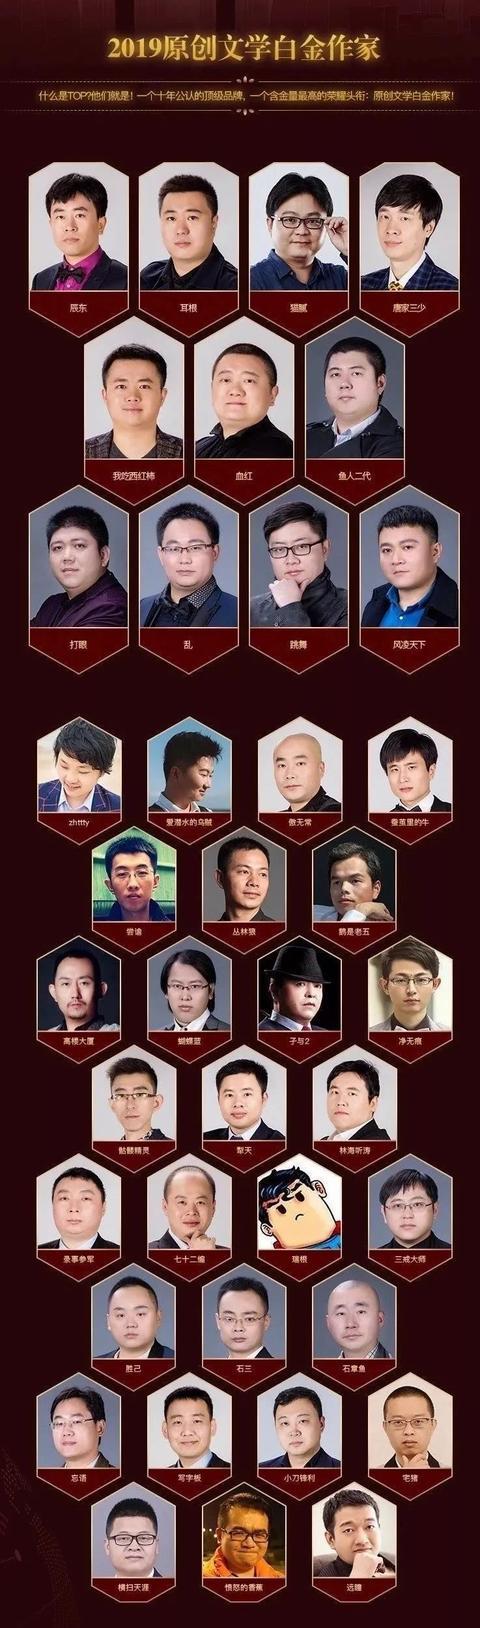 起点中文网的17年互联网征程